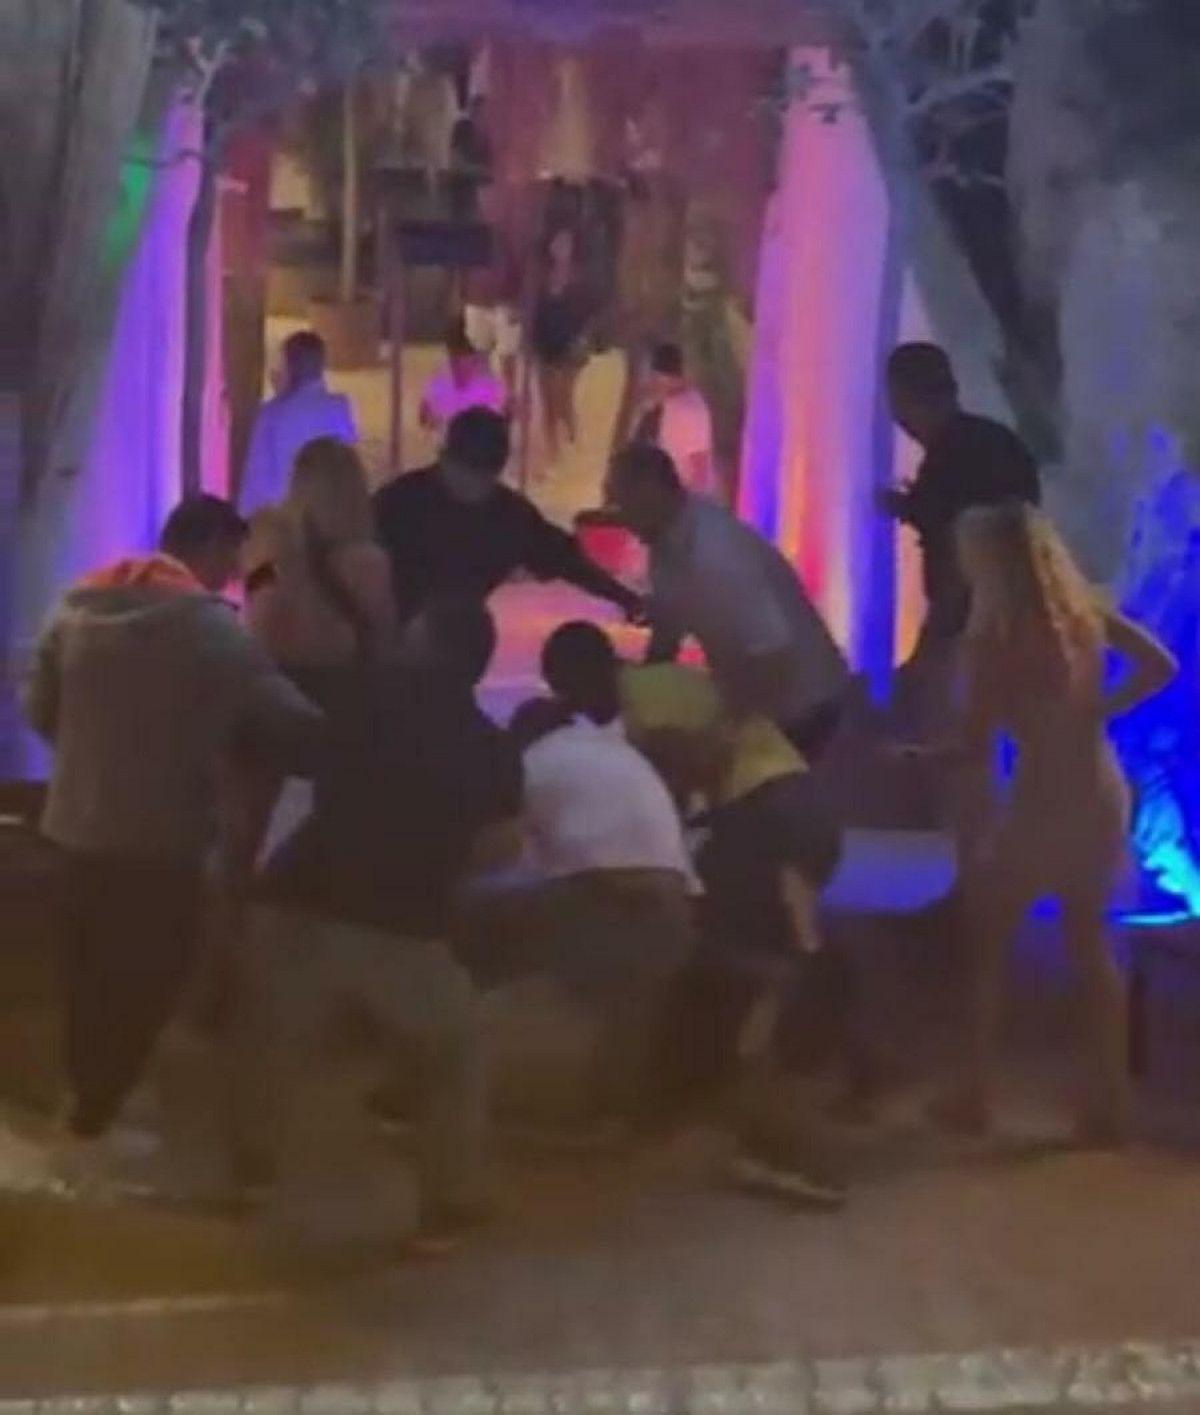 Çeşme de gece kulübündeki kavgada 1 kişinin öldürülme anı kamerada #1